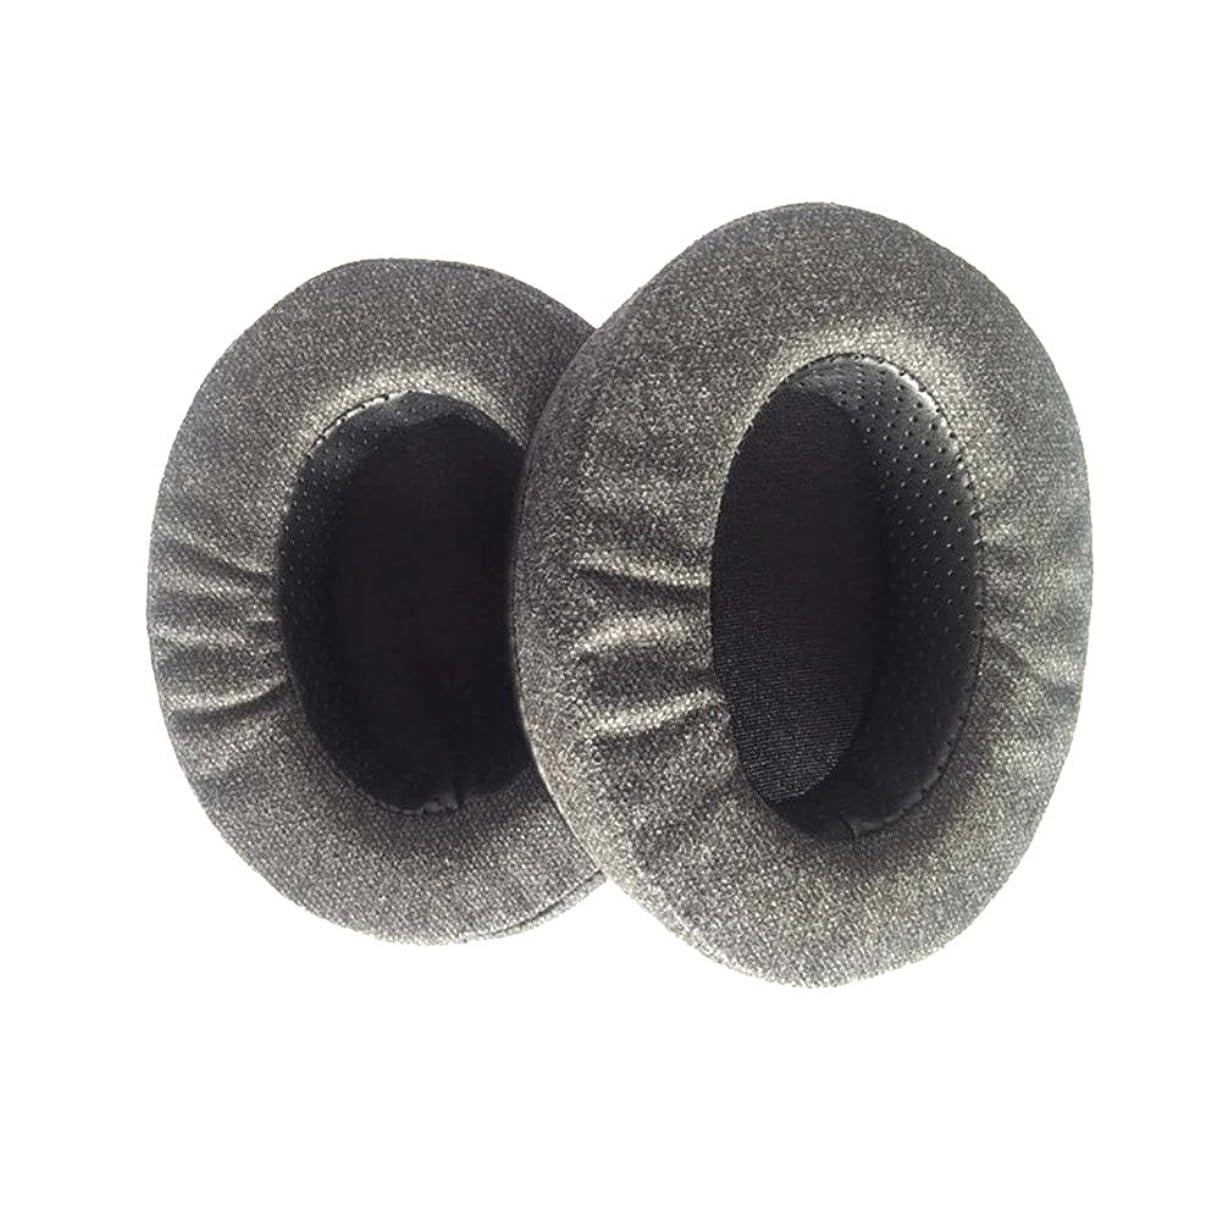 征服者虫を数えるプライバシーHzjundasi 置換 アーパドクッション Earpads Cushions Ear Pads 1 ペア for Audio-Technica ATH-M50 M50S M50X M30 M40 ATH-SX1, 灰色 Cloth